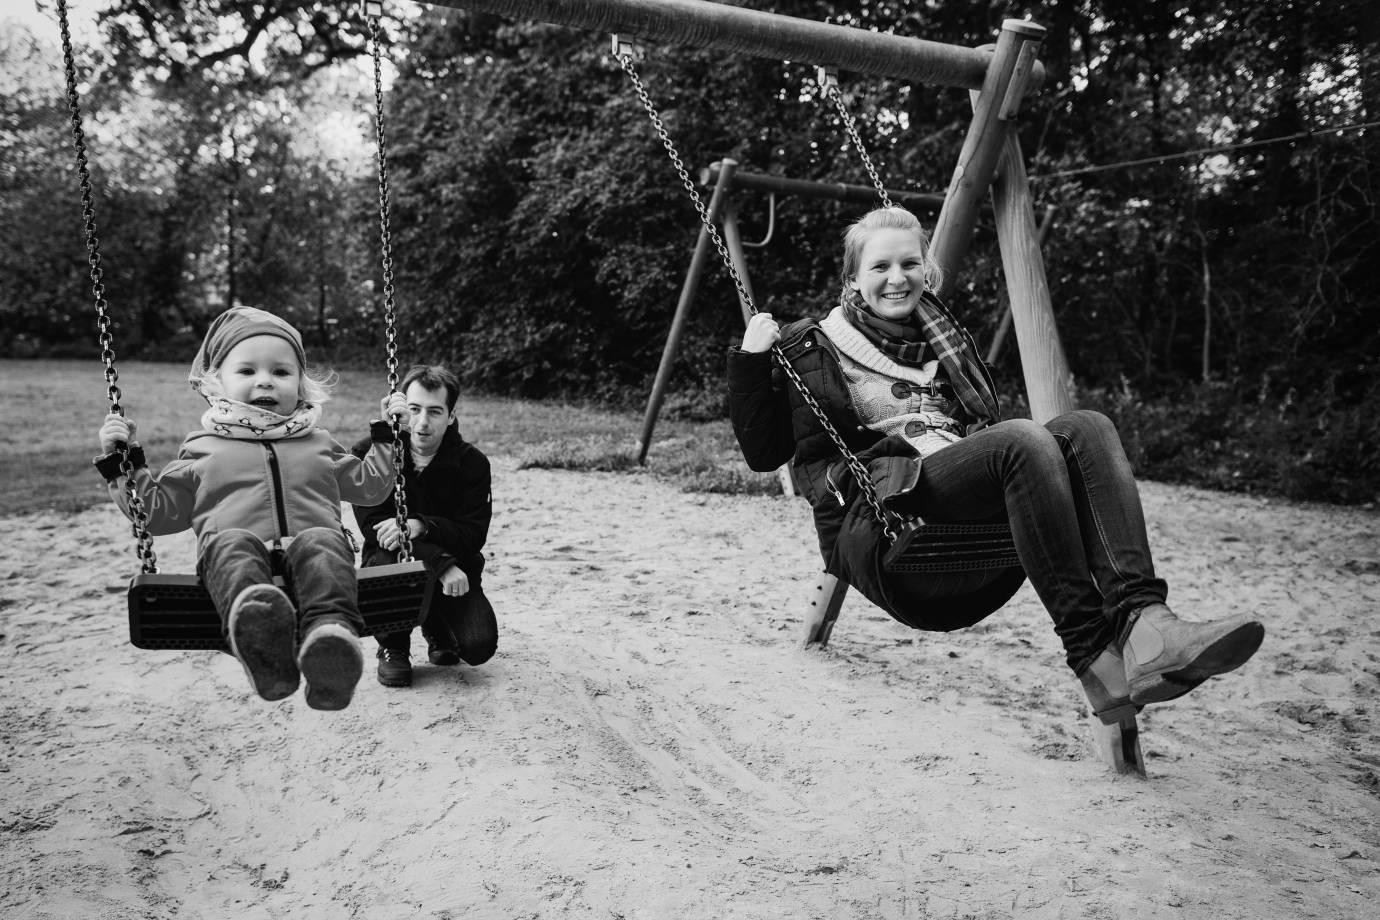 familienfotos bremen 33 - Familienfotos von Juliane+Jan